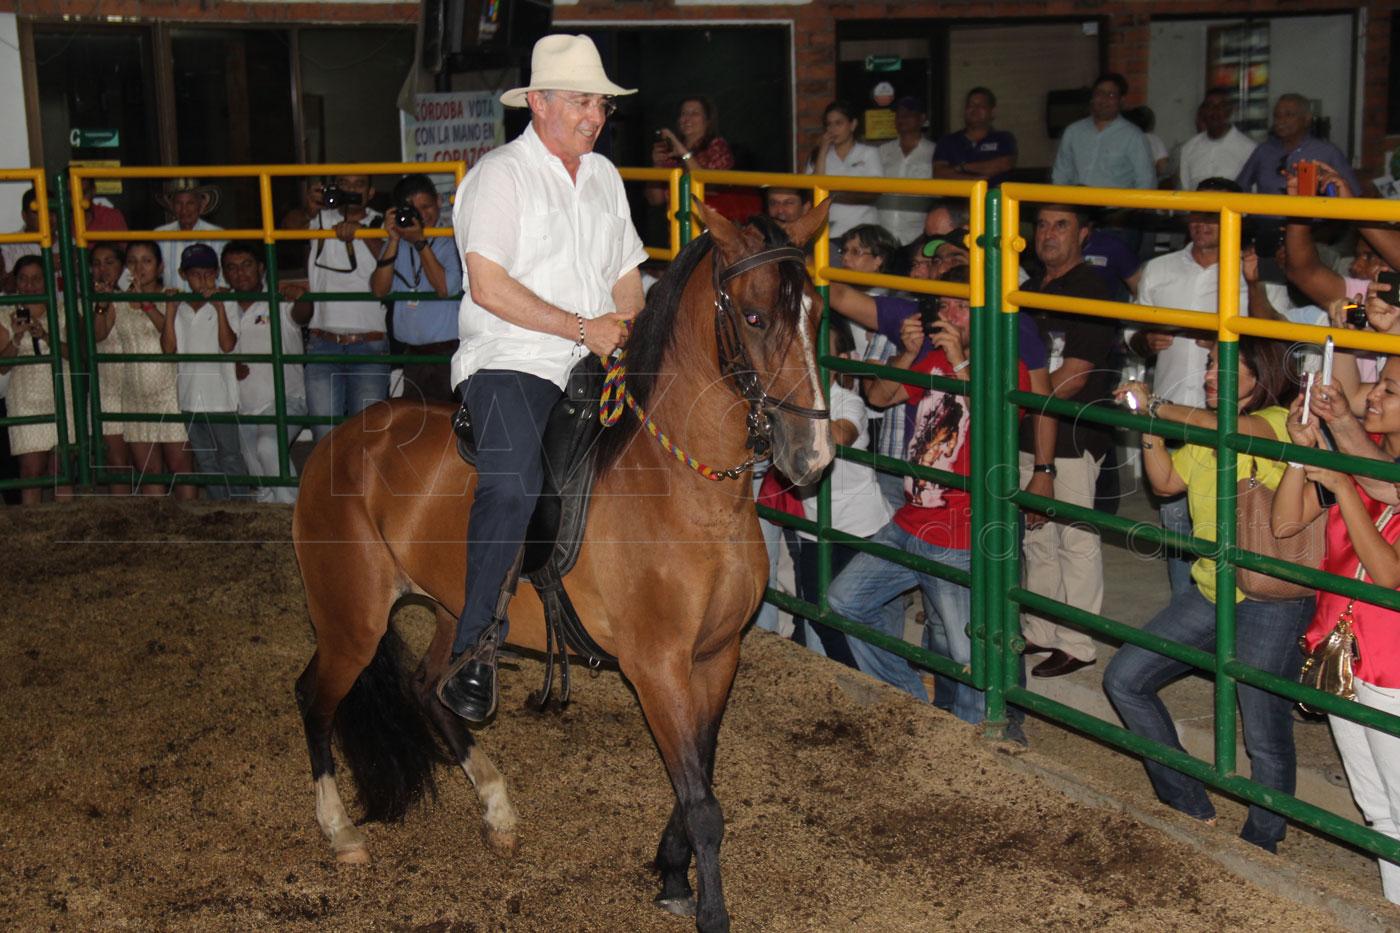 Ex presidente Álvaro Uribe, sufrió fractura de costilla tras caerse de un  caballo - LARAZON.CO